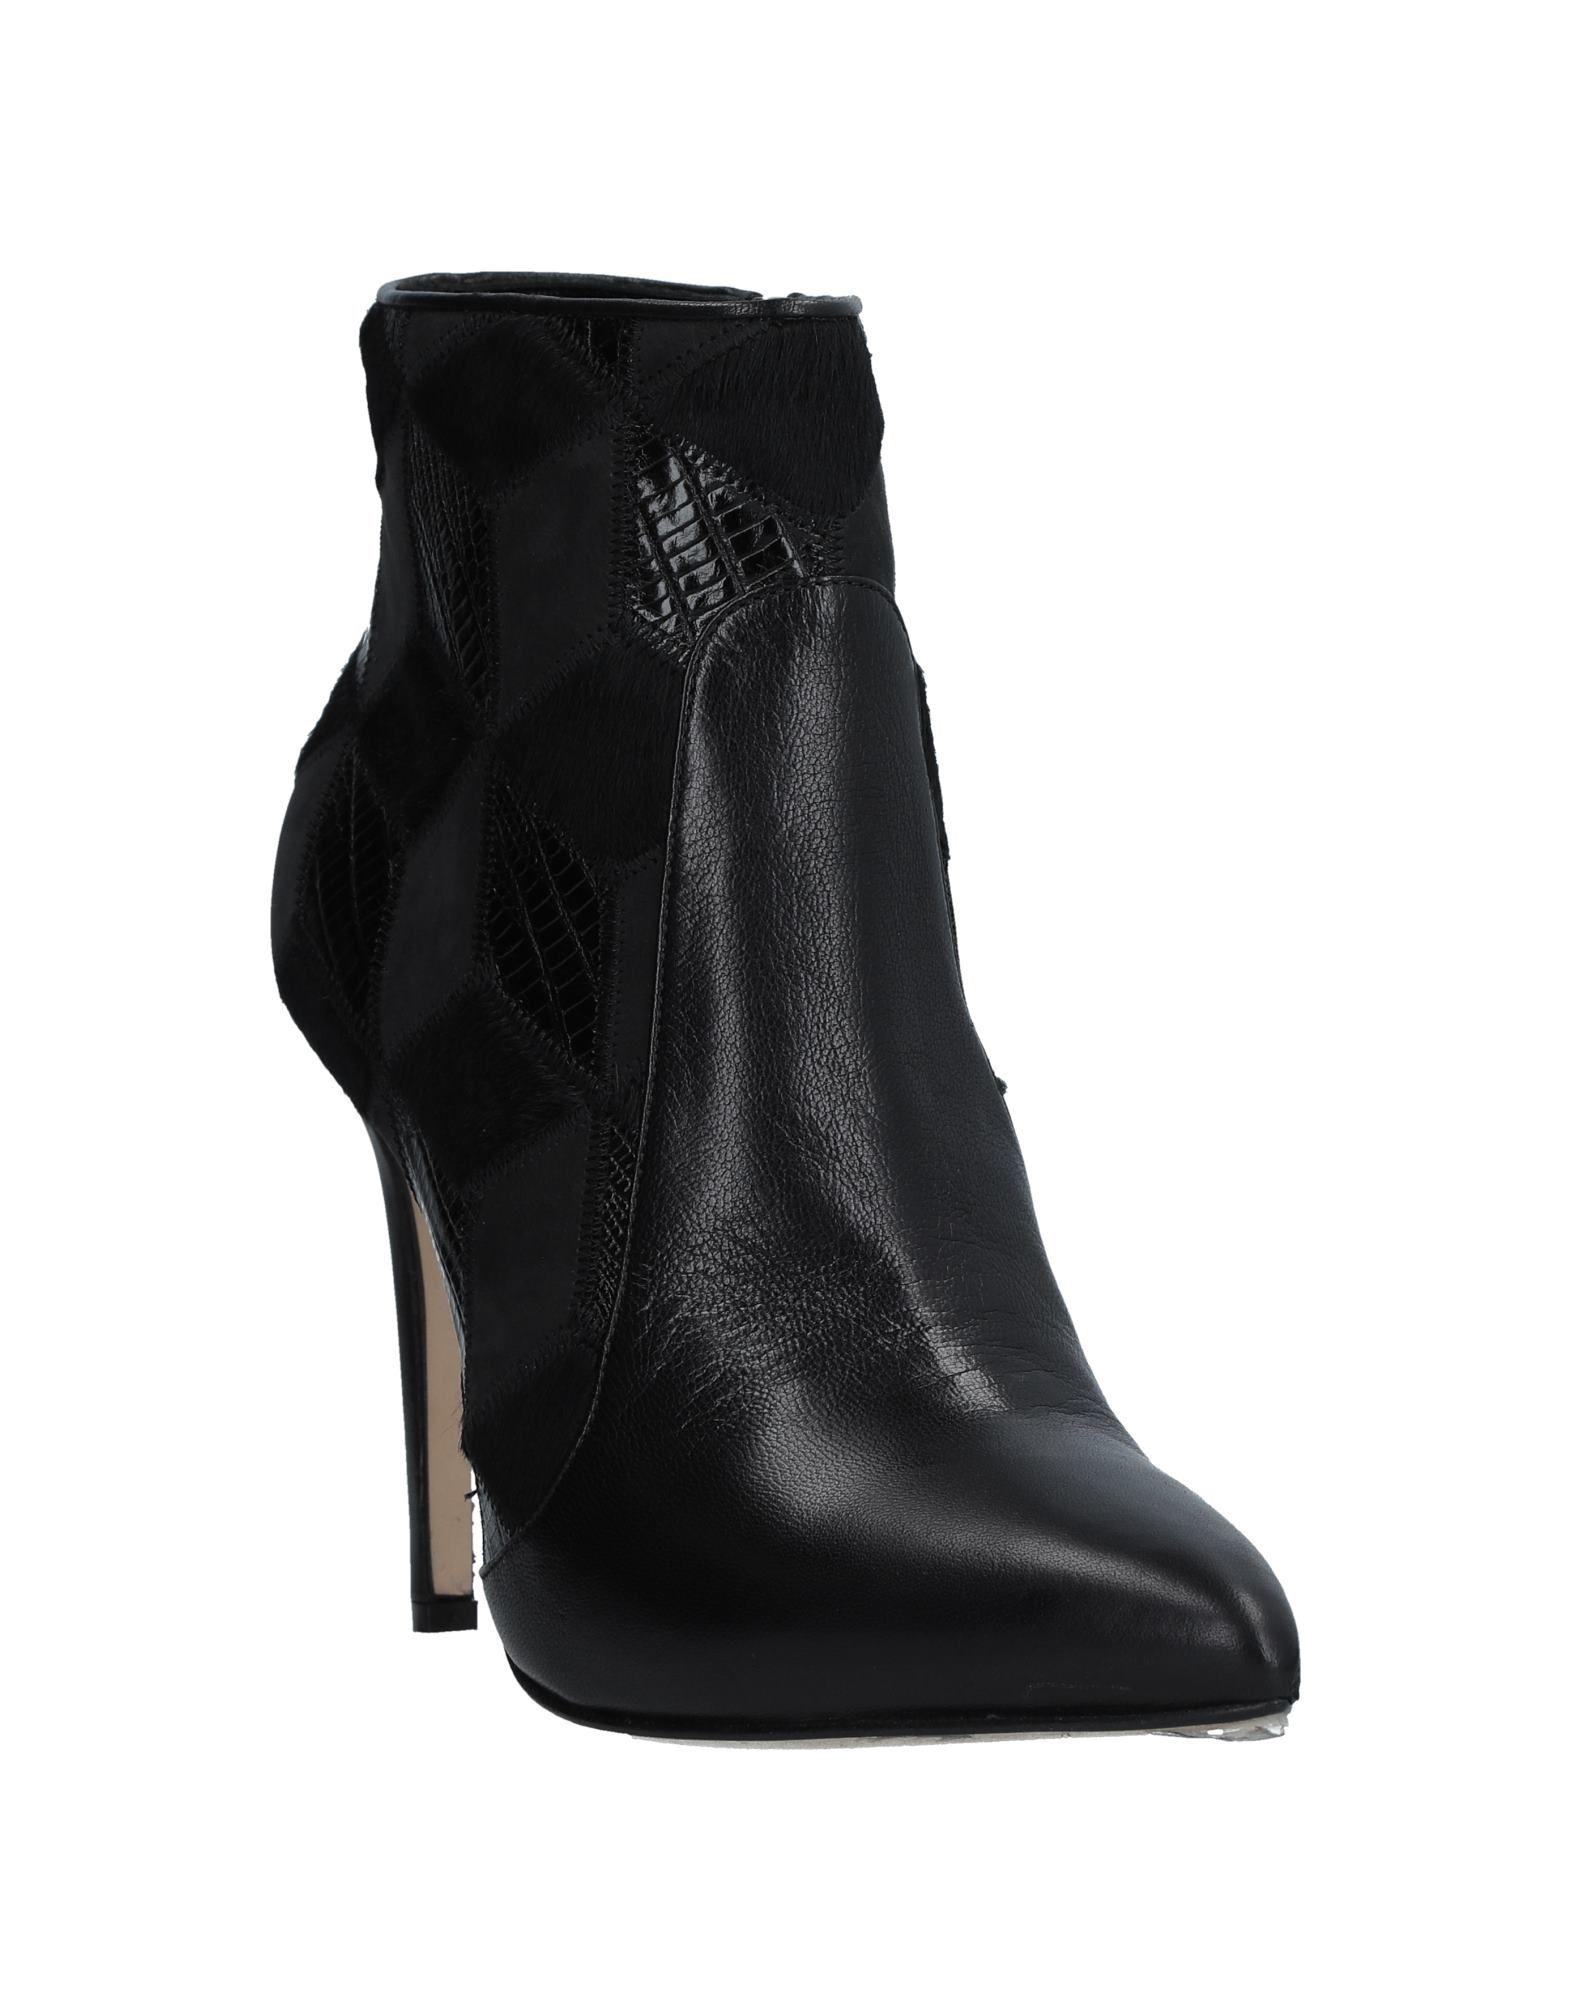 Marella Stiefelette Damen  11537091TDGut Schuhe aussehende strapazierfähige Schuhe 11537091TDGut a7eaef